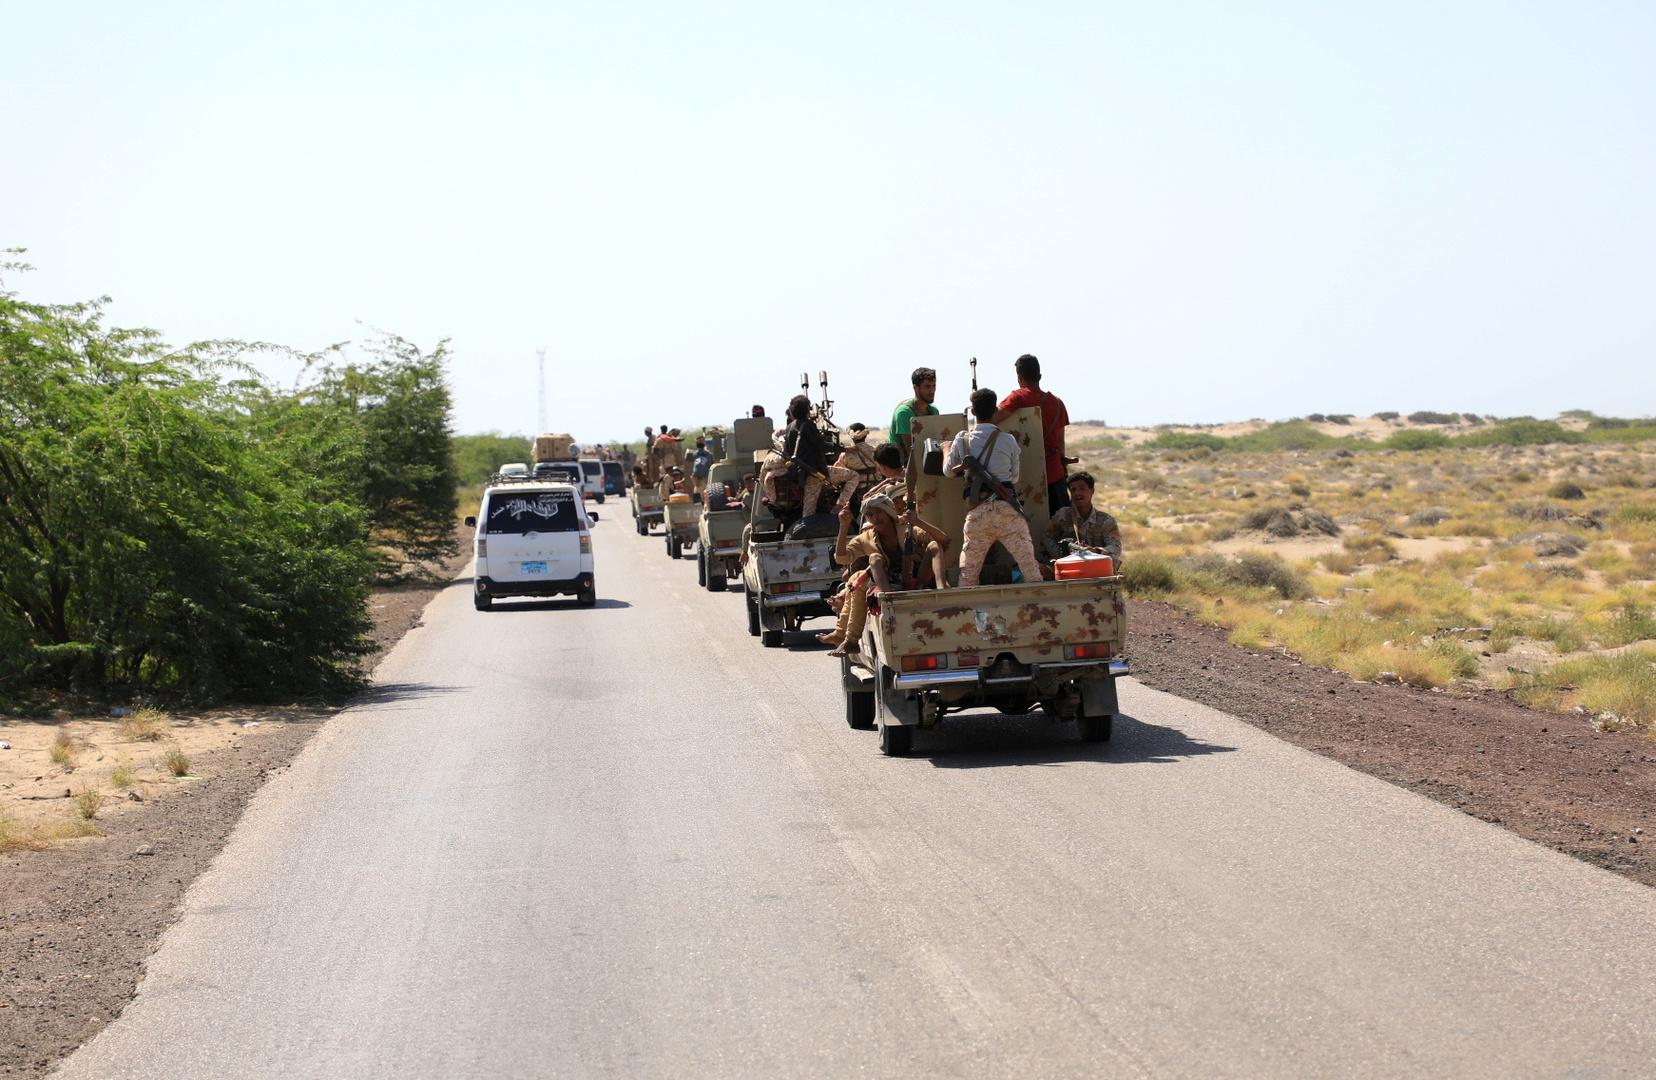 مقتل 5 عناصر في قوات المجلس الانتقالي الجنوبي اليمني بانفجار في أبين